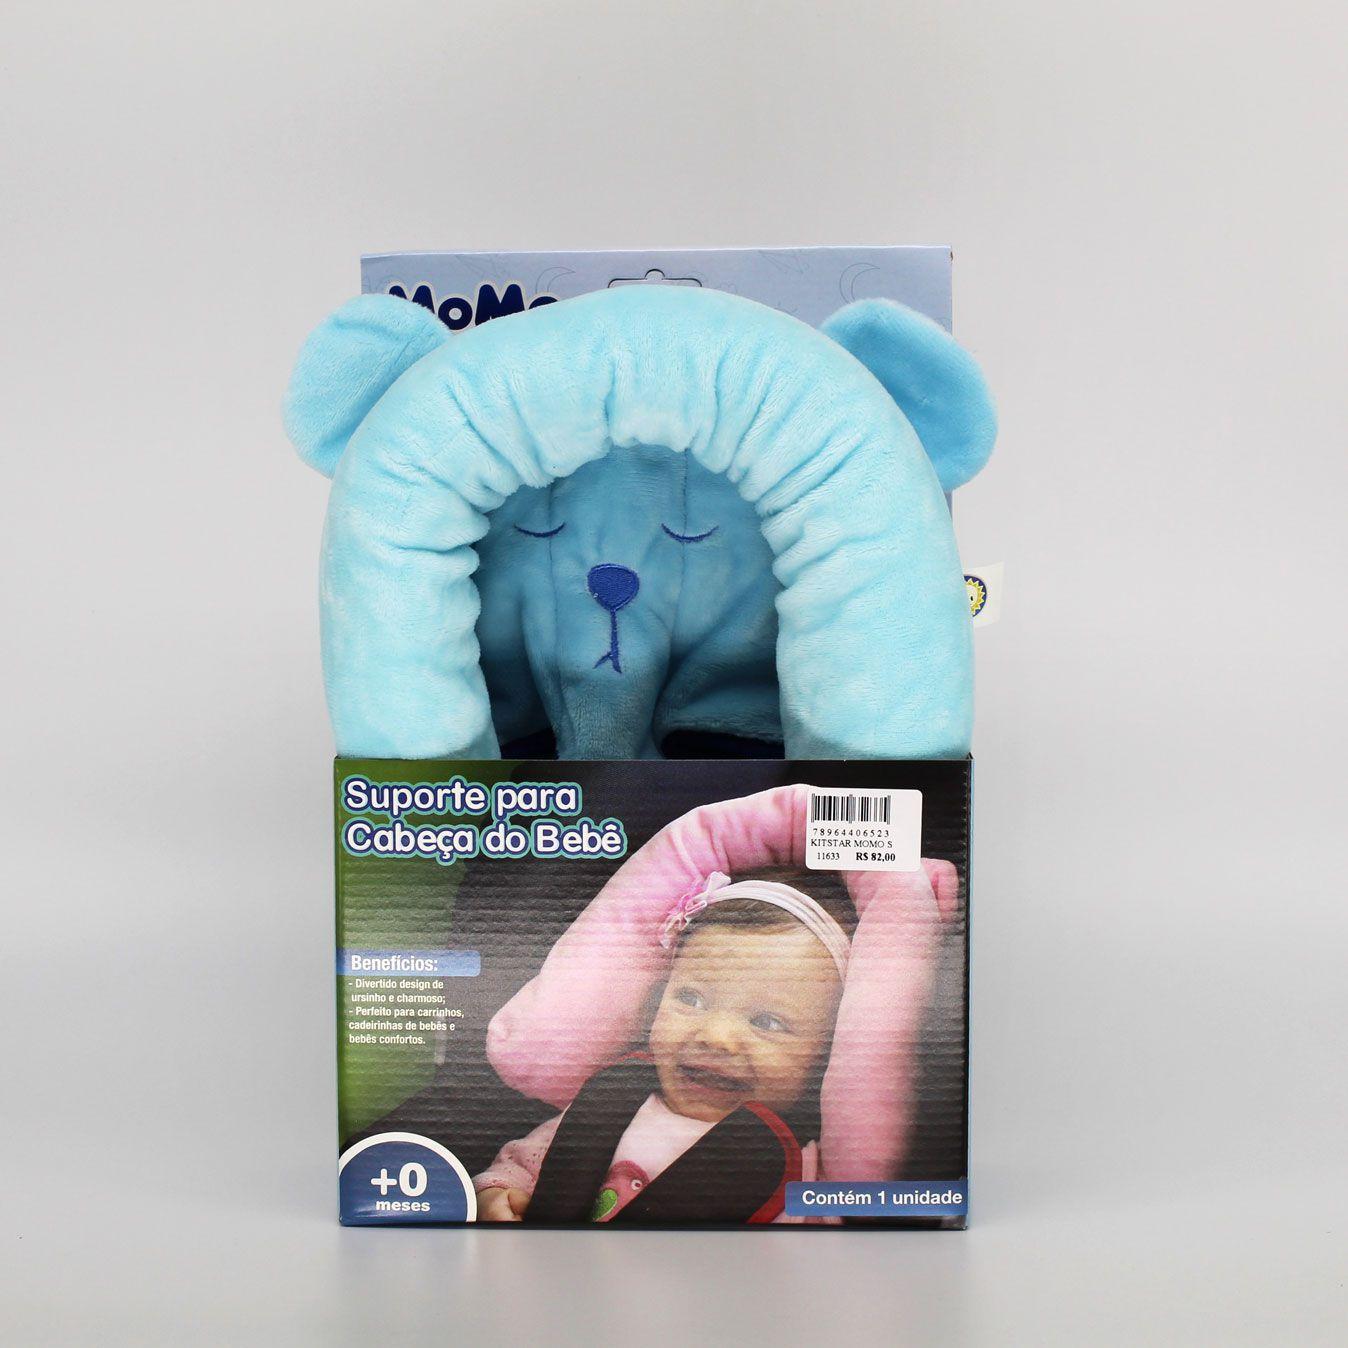 Suporte para Cabeça do Bebê  - MoMo